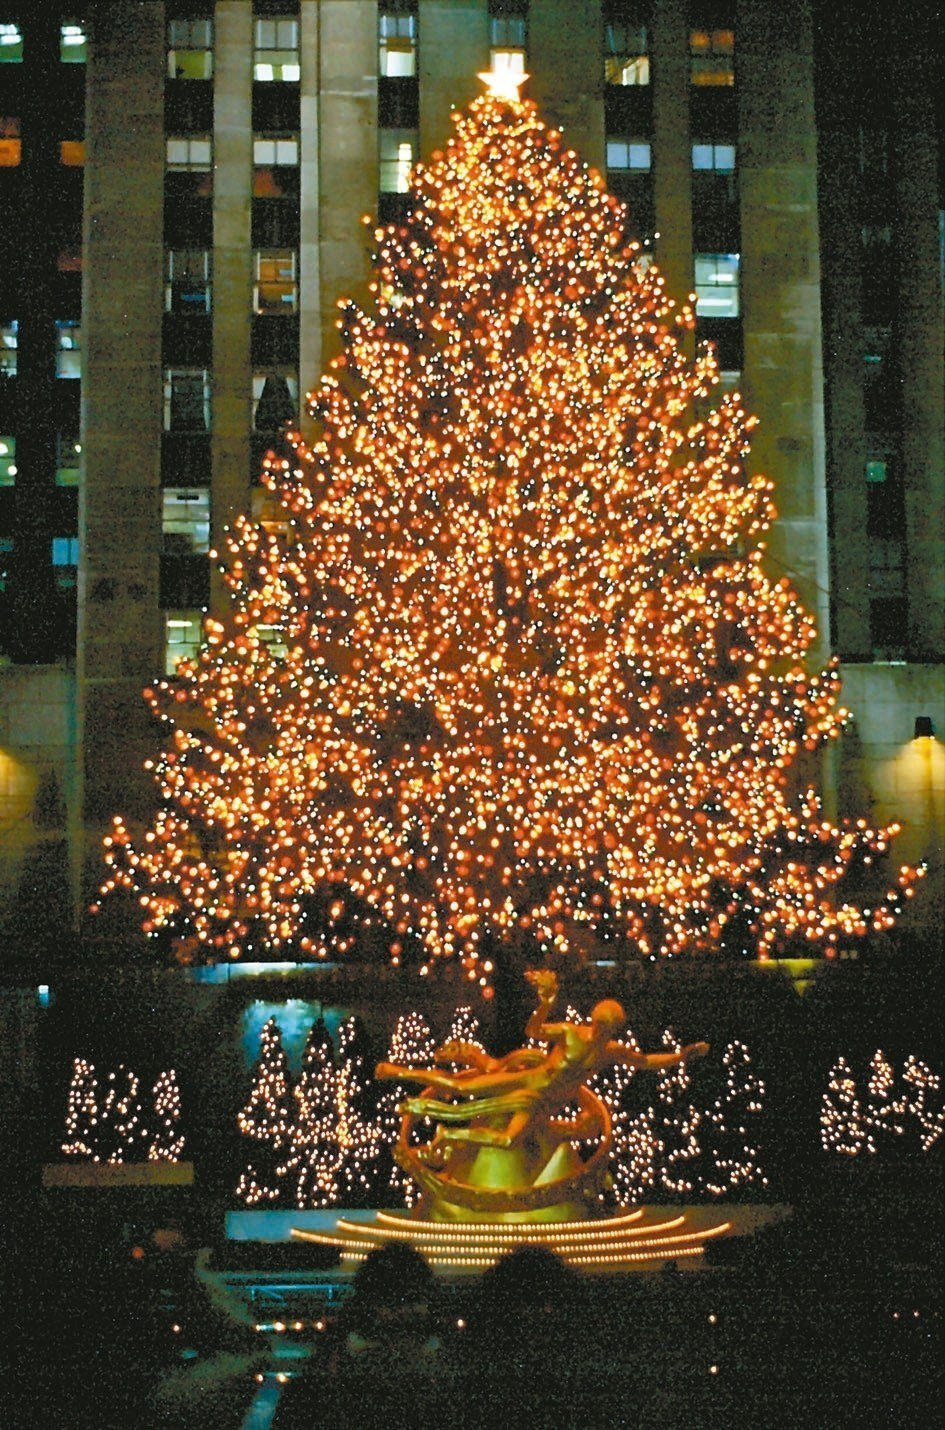 紐約洛克菲勒中心世界最高的聖誕樹。 圖/娜斯